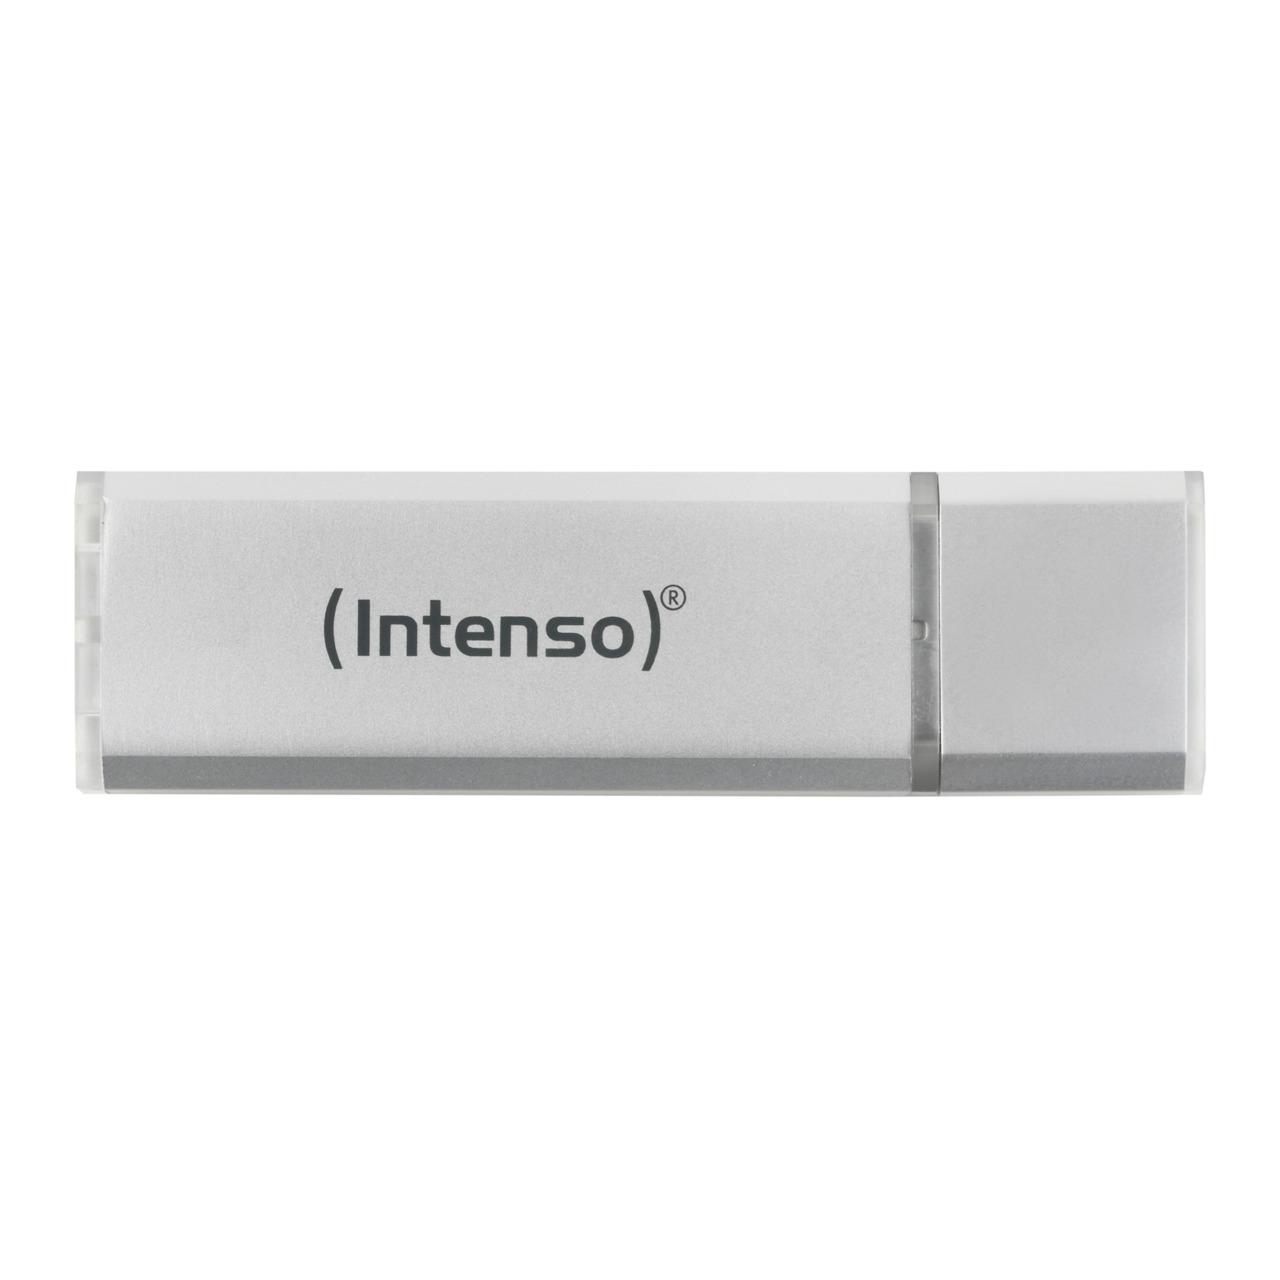 Intenso USB-Stick Ultra Line- USB 3.0- 32 GB